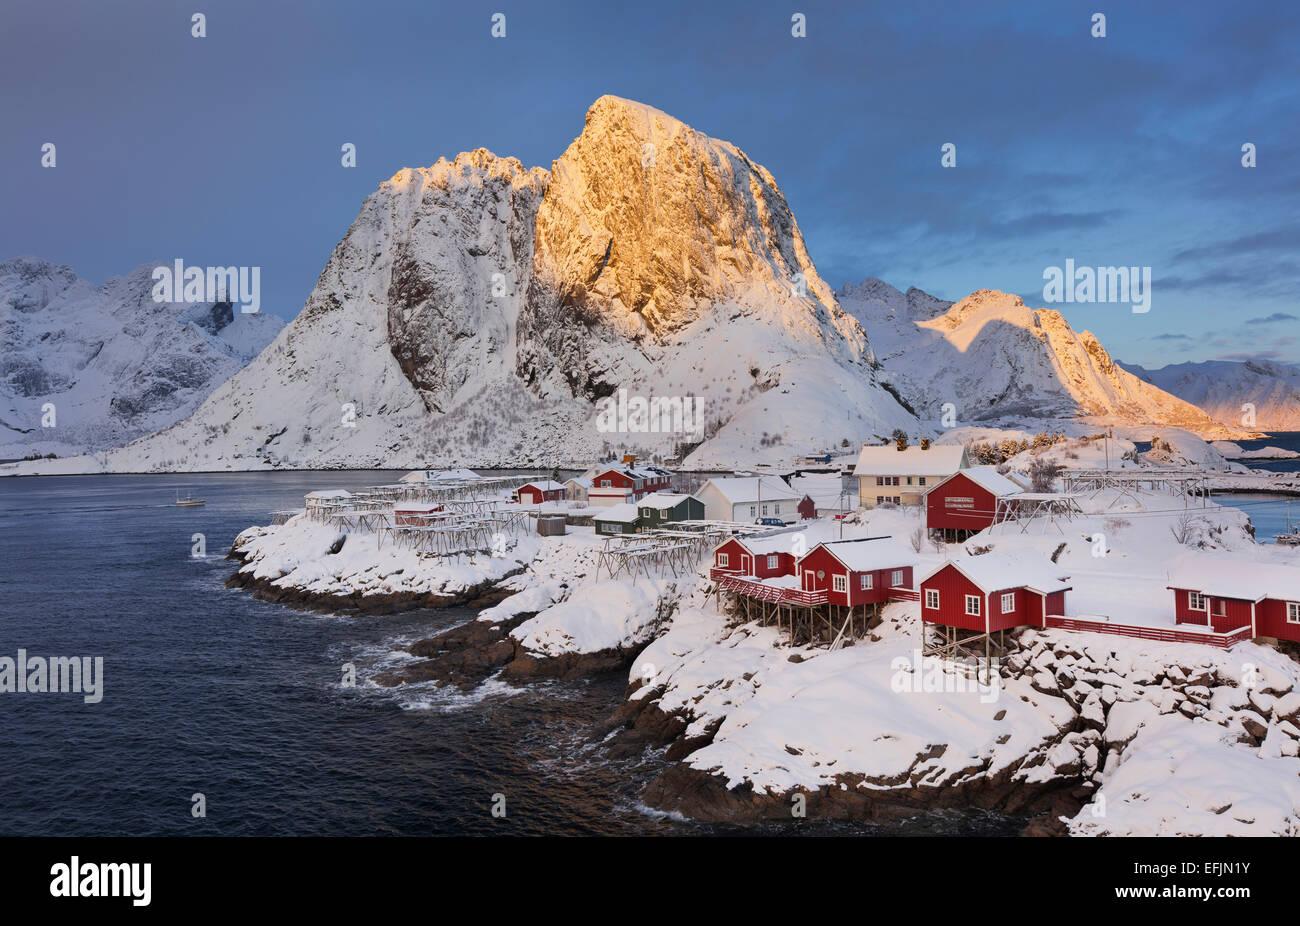 Village of Hamnoy in a winter landscape, Reine, Lilandstindan, Moskenesoya, Lofoten, Nordland, Norway - Stock Image